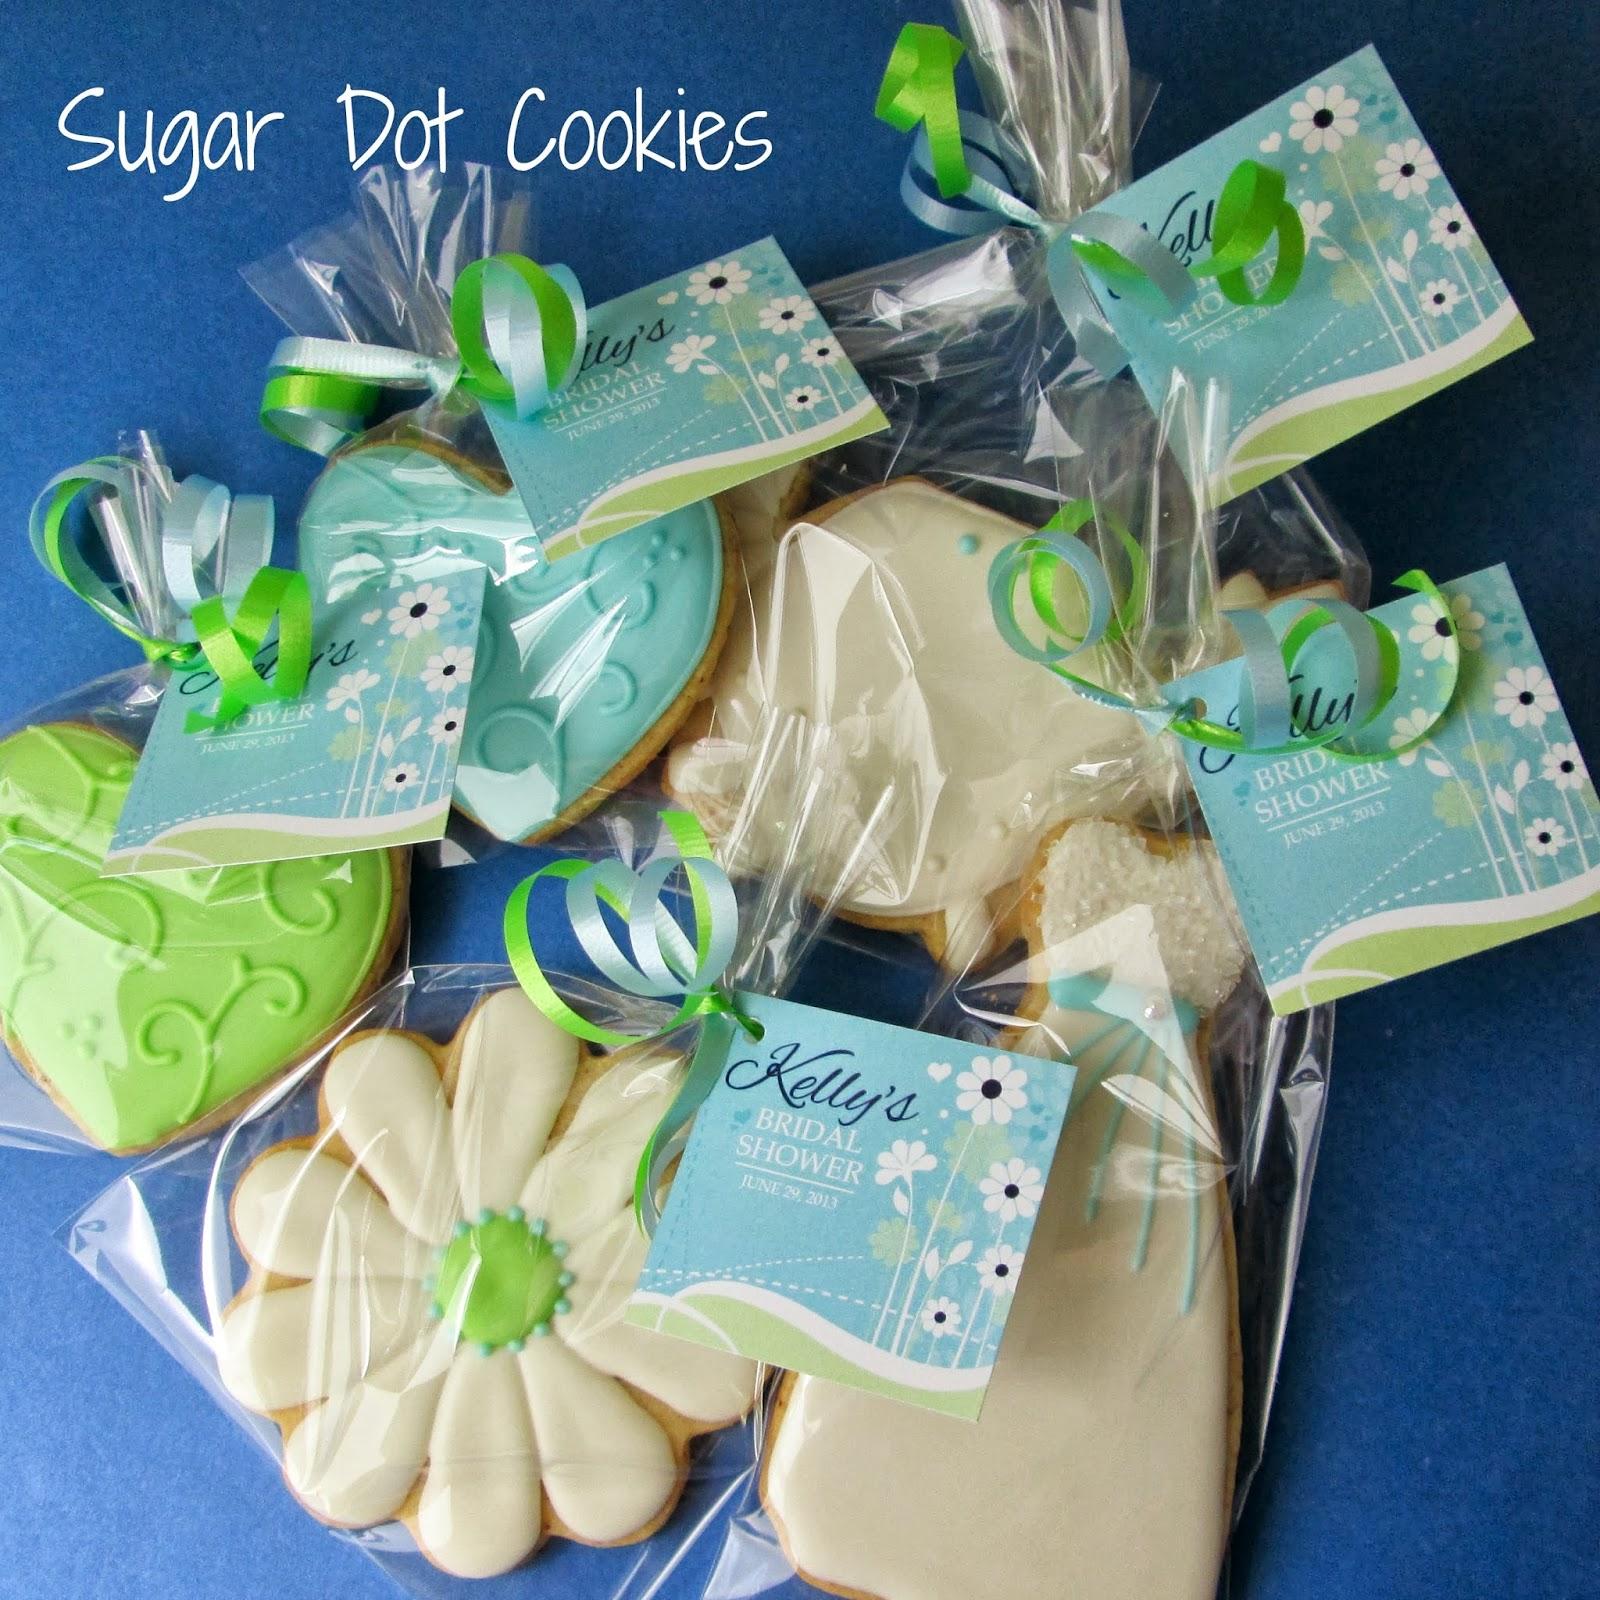 Sugar Dot Cookies Bridal Shower Cookies